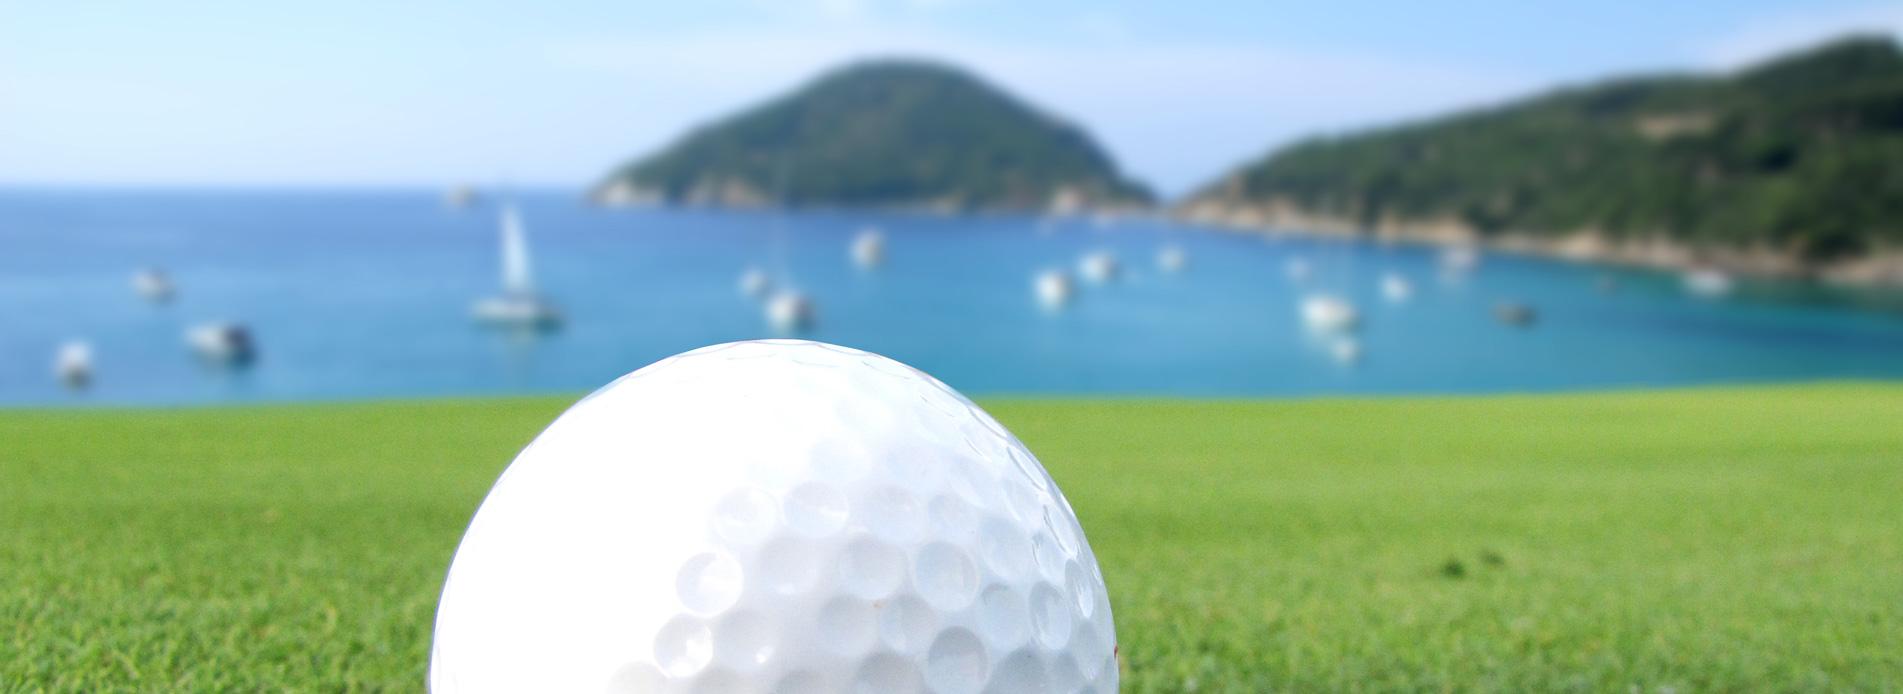 Segeln und Golf